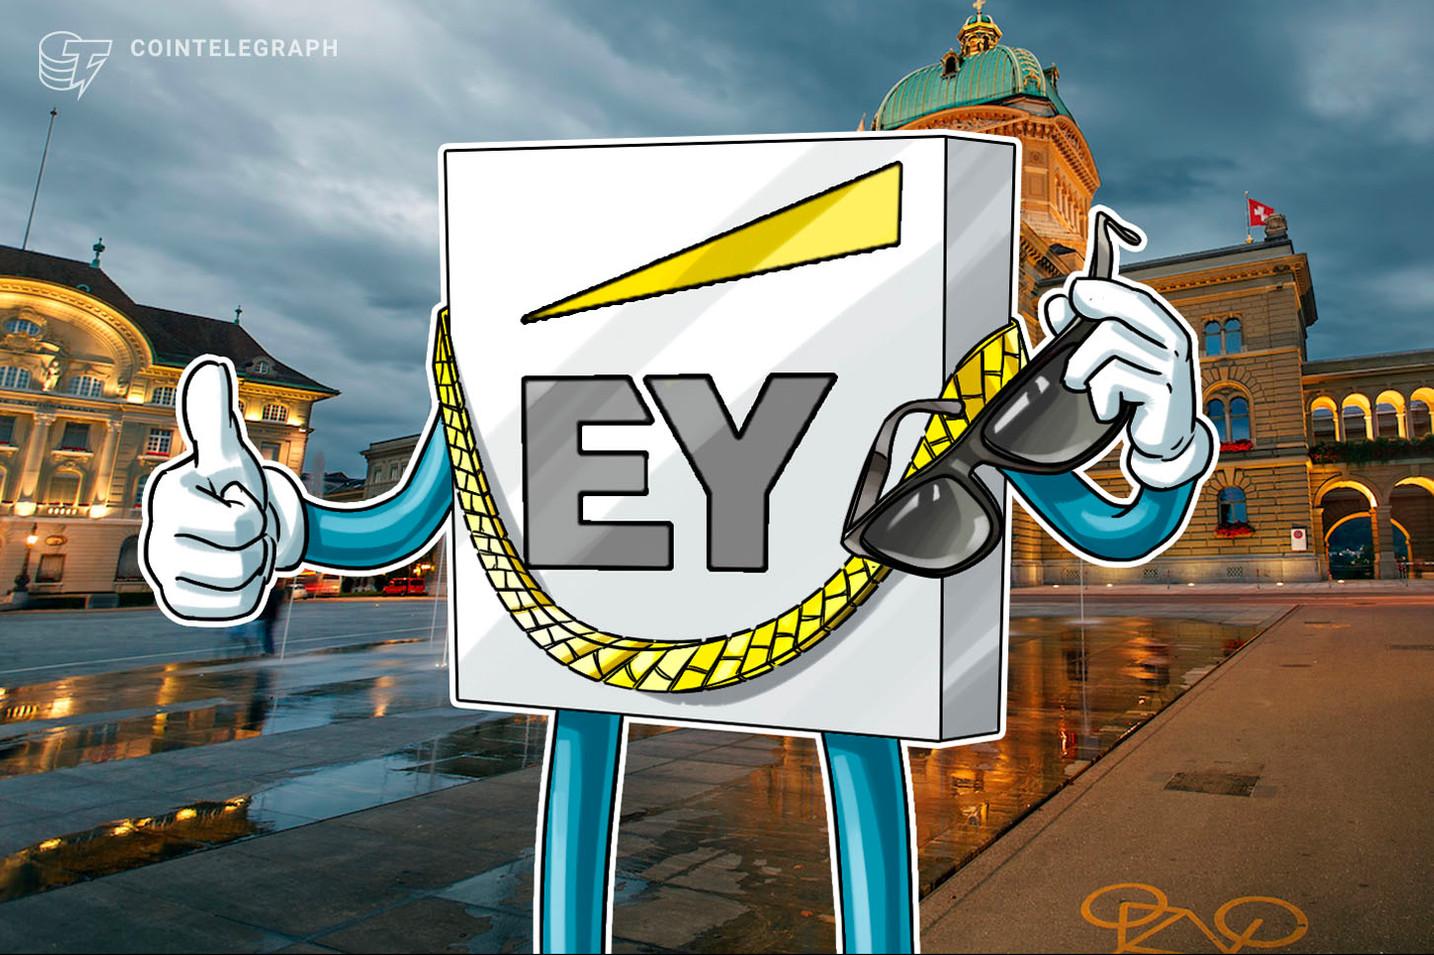 会計大手EY、仮想通貨イーサリアム上でプライベートな取引促進を狙う